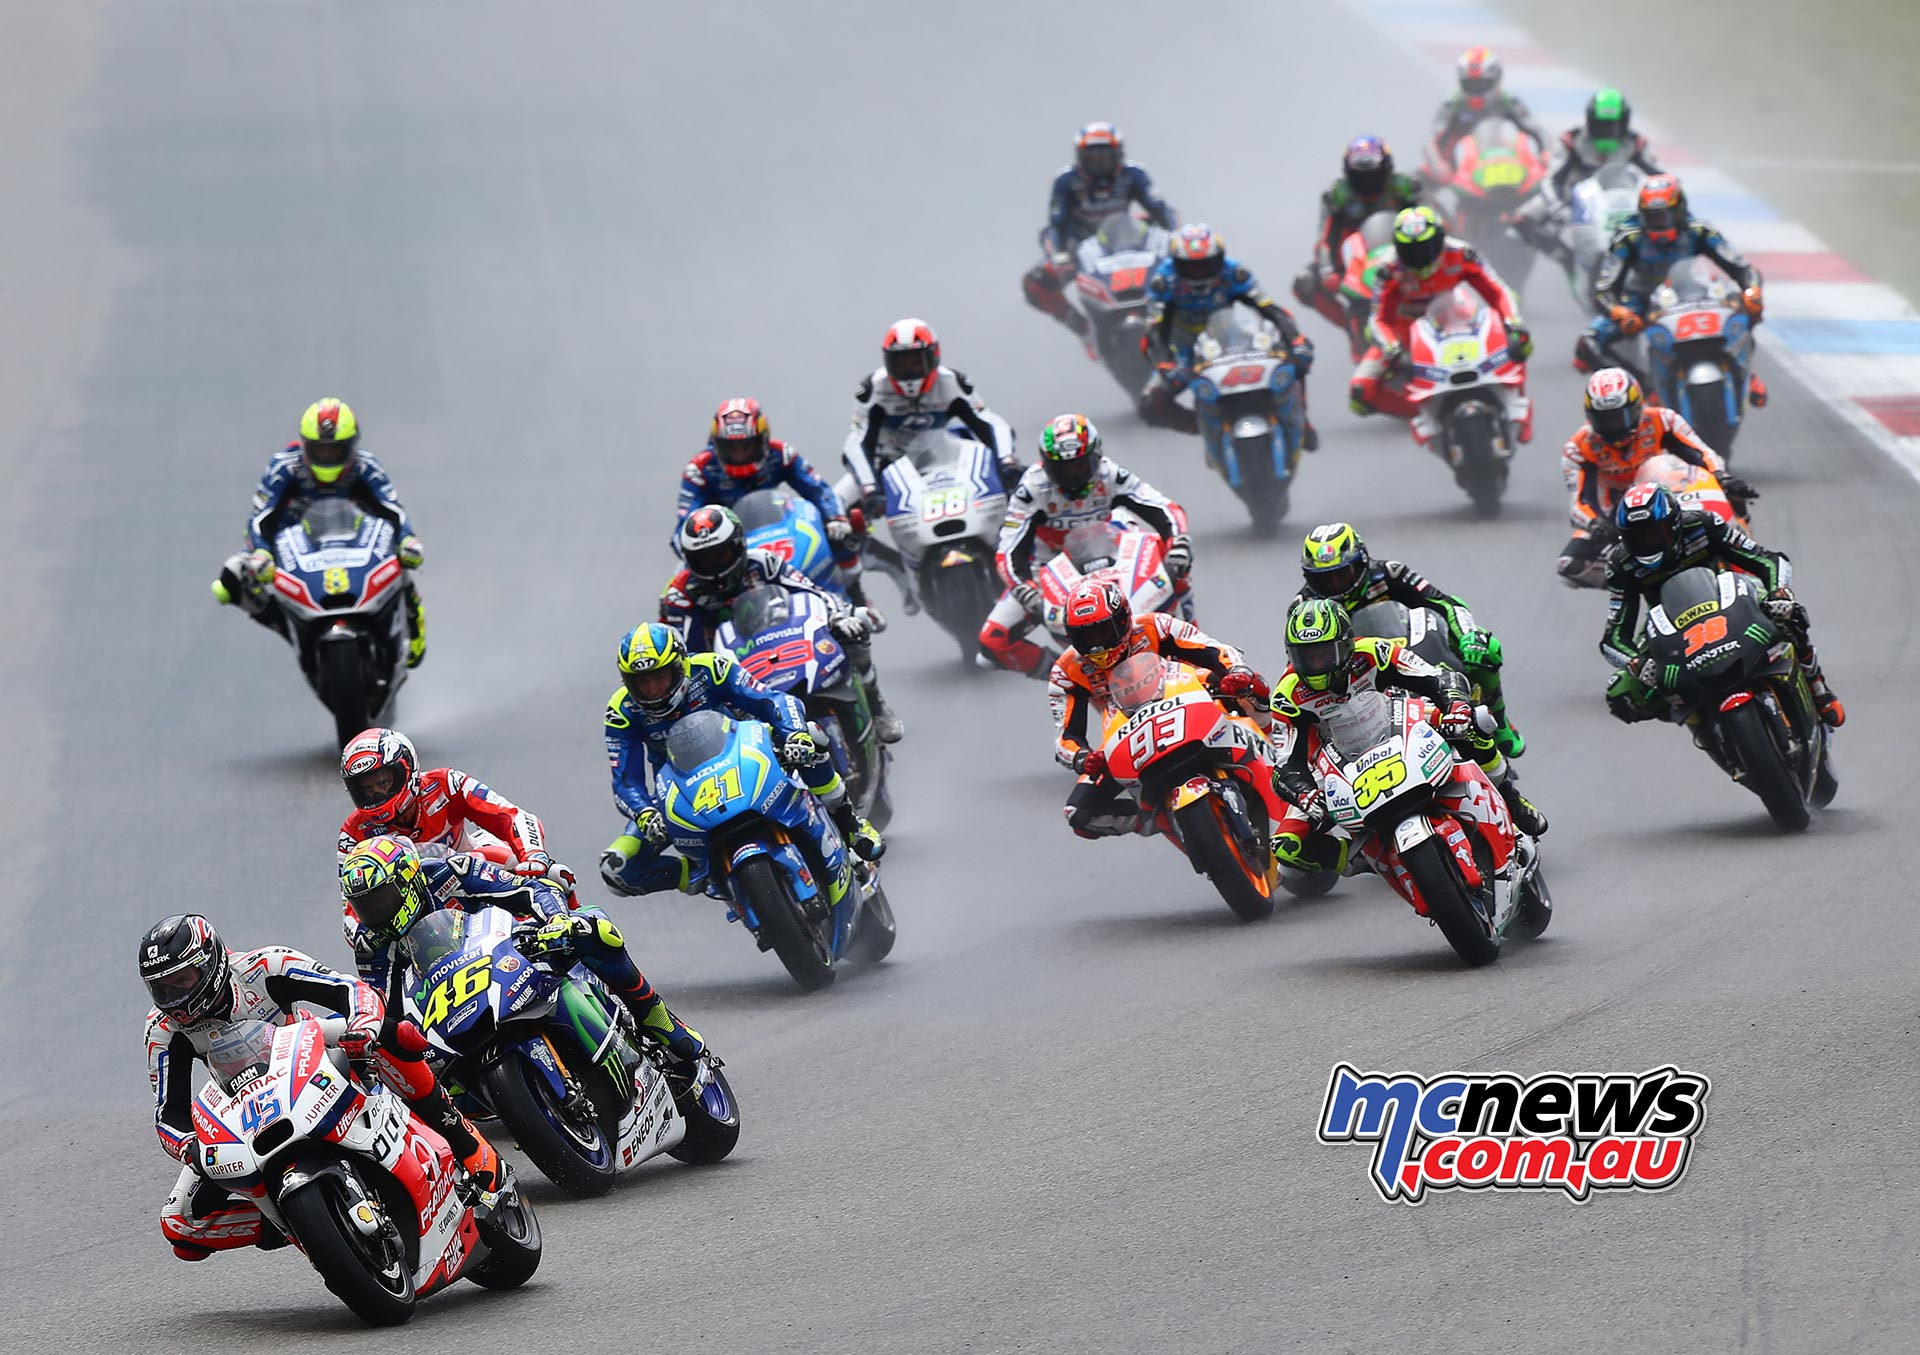 MotoGP heads back to Assen in 2017